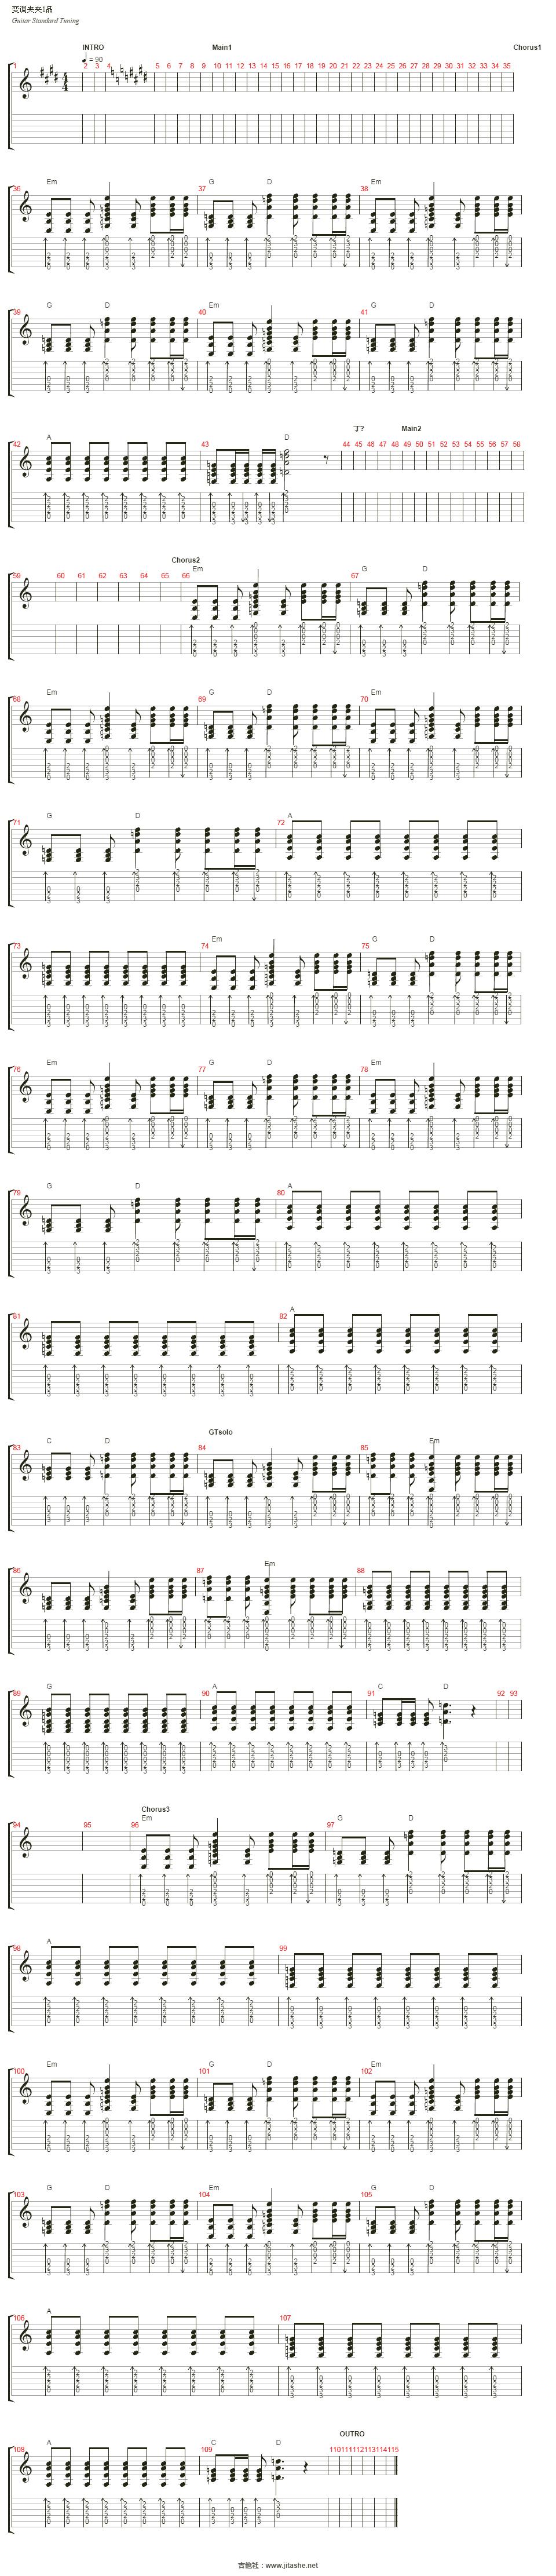 作曲:hiroyuki hamamoto 节拍:♩ = 90 key:252 和弦:f c# em9 g